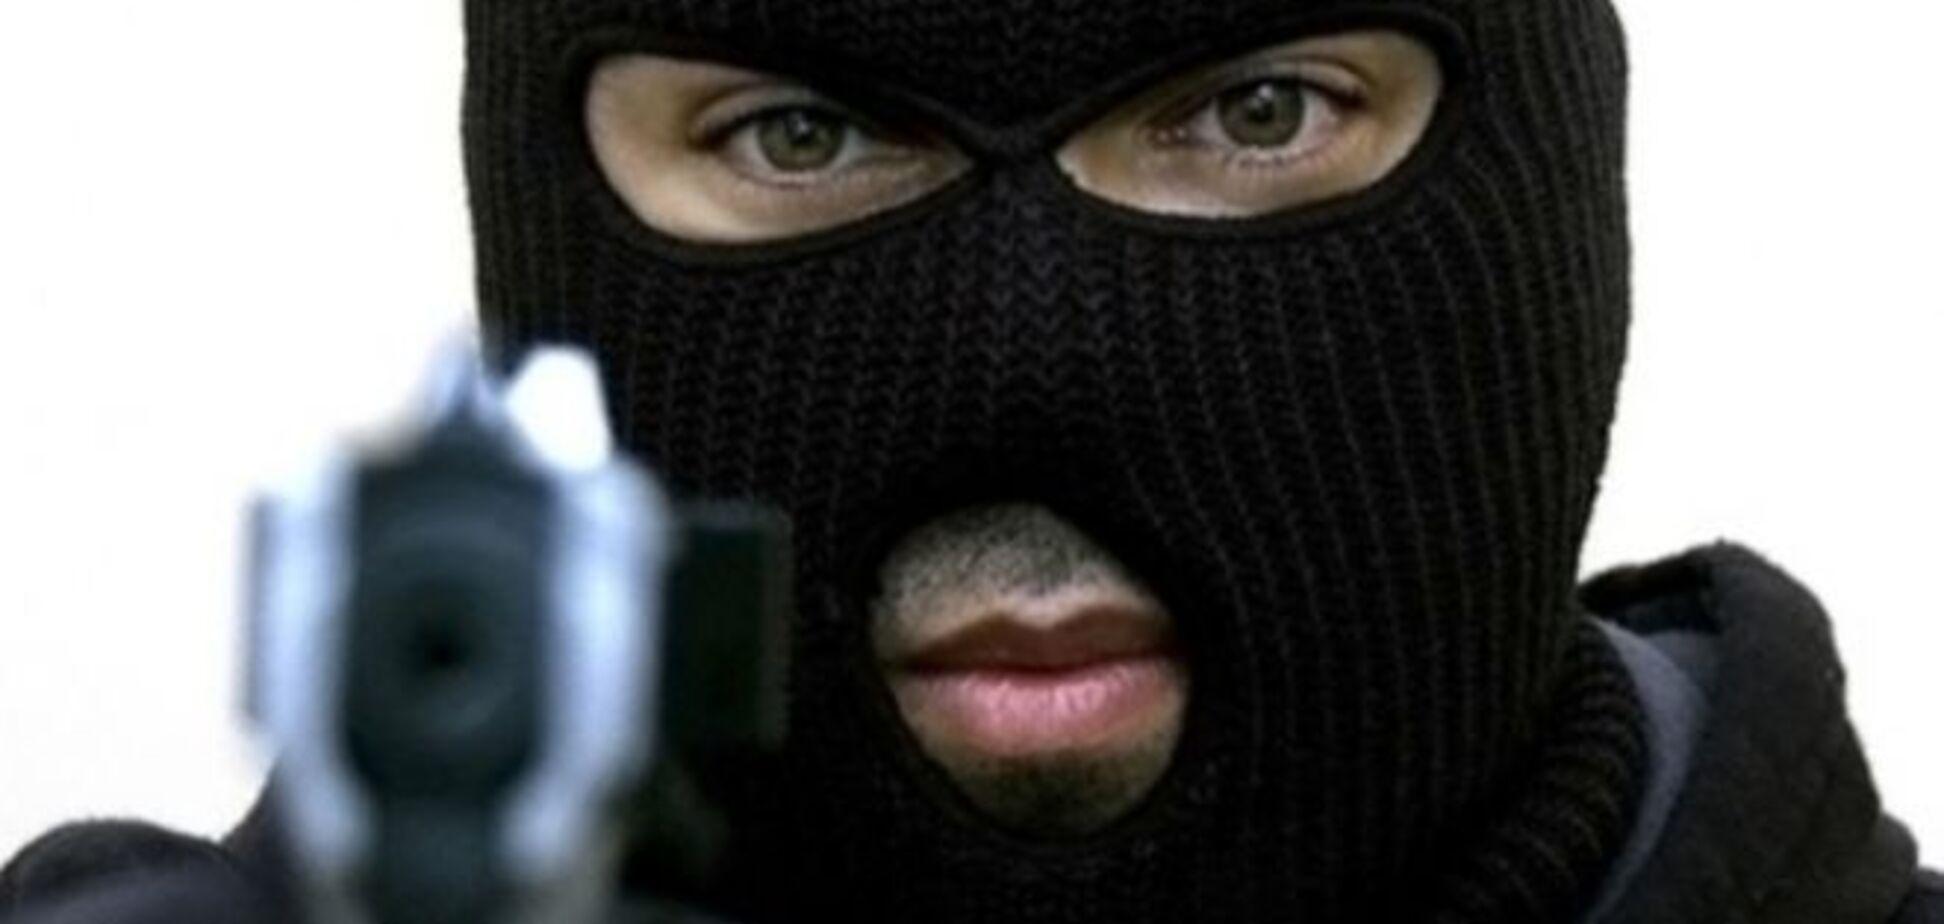 На Винничине вооруженные в камуфляже похитили у экспедиторов авто и $150 тысяч